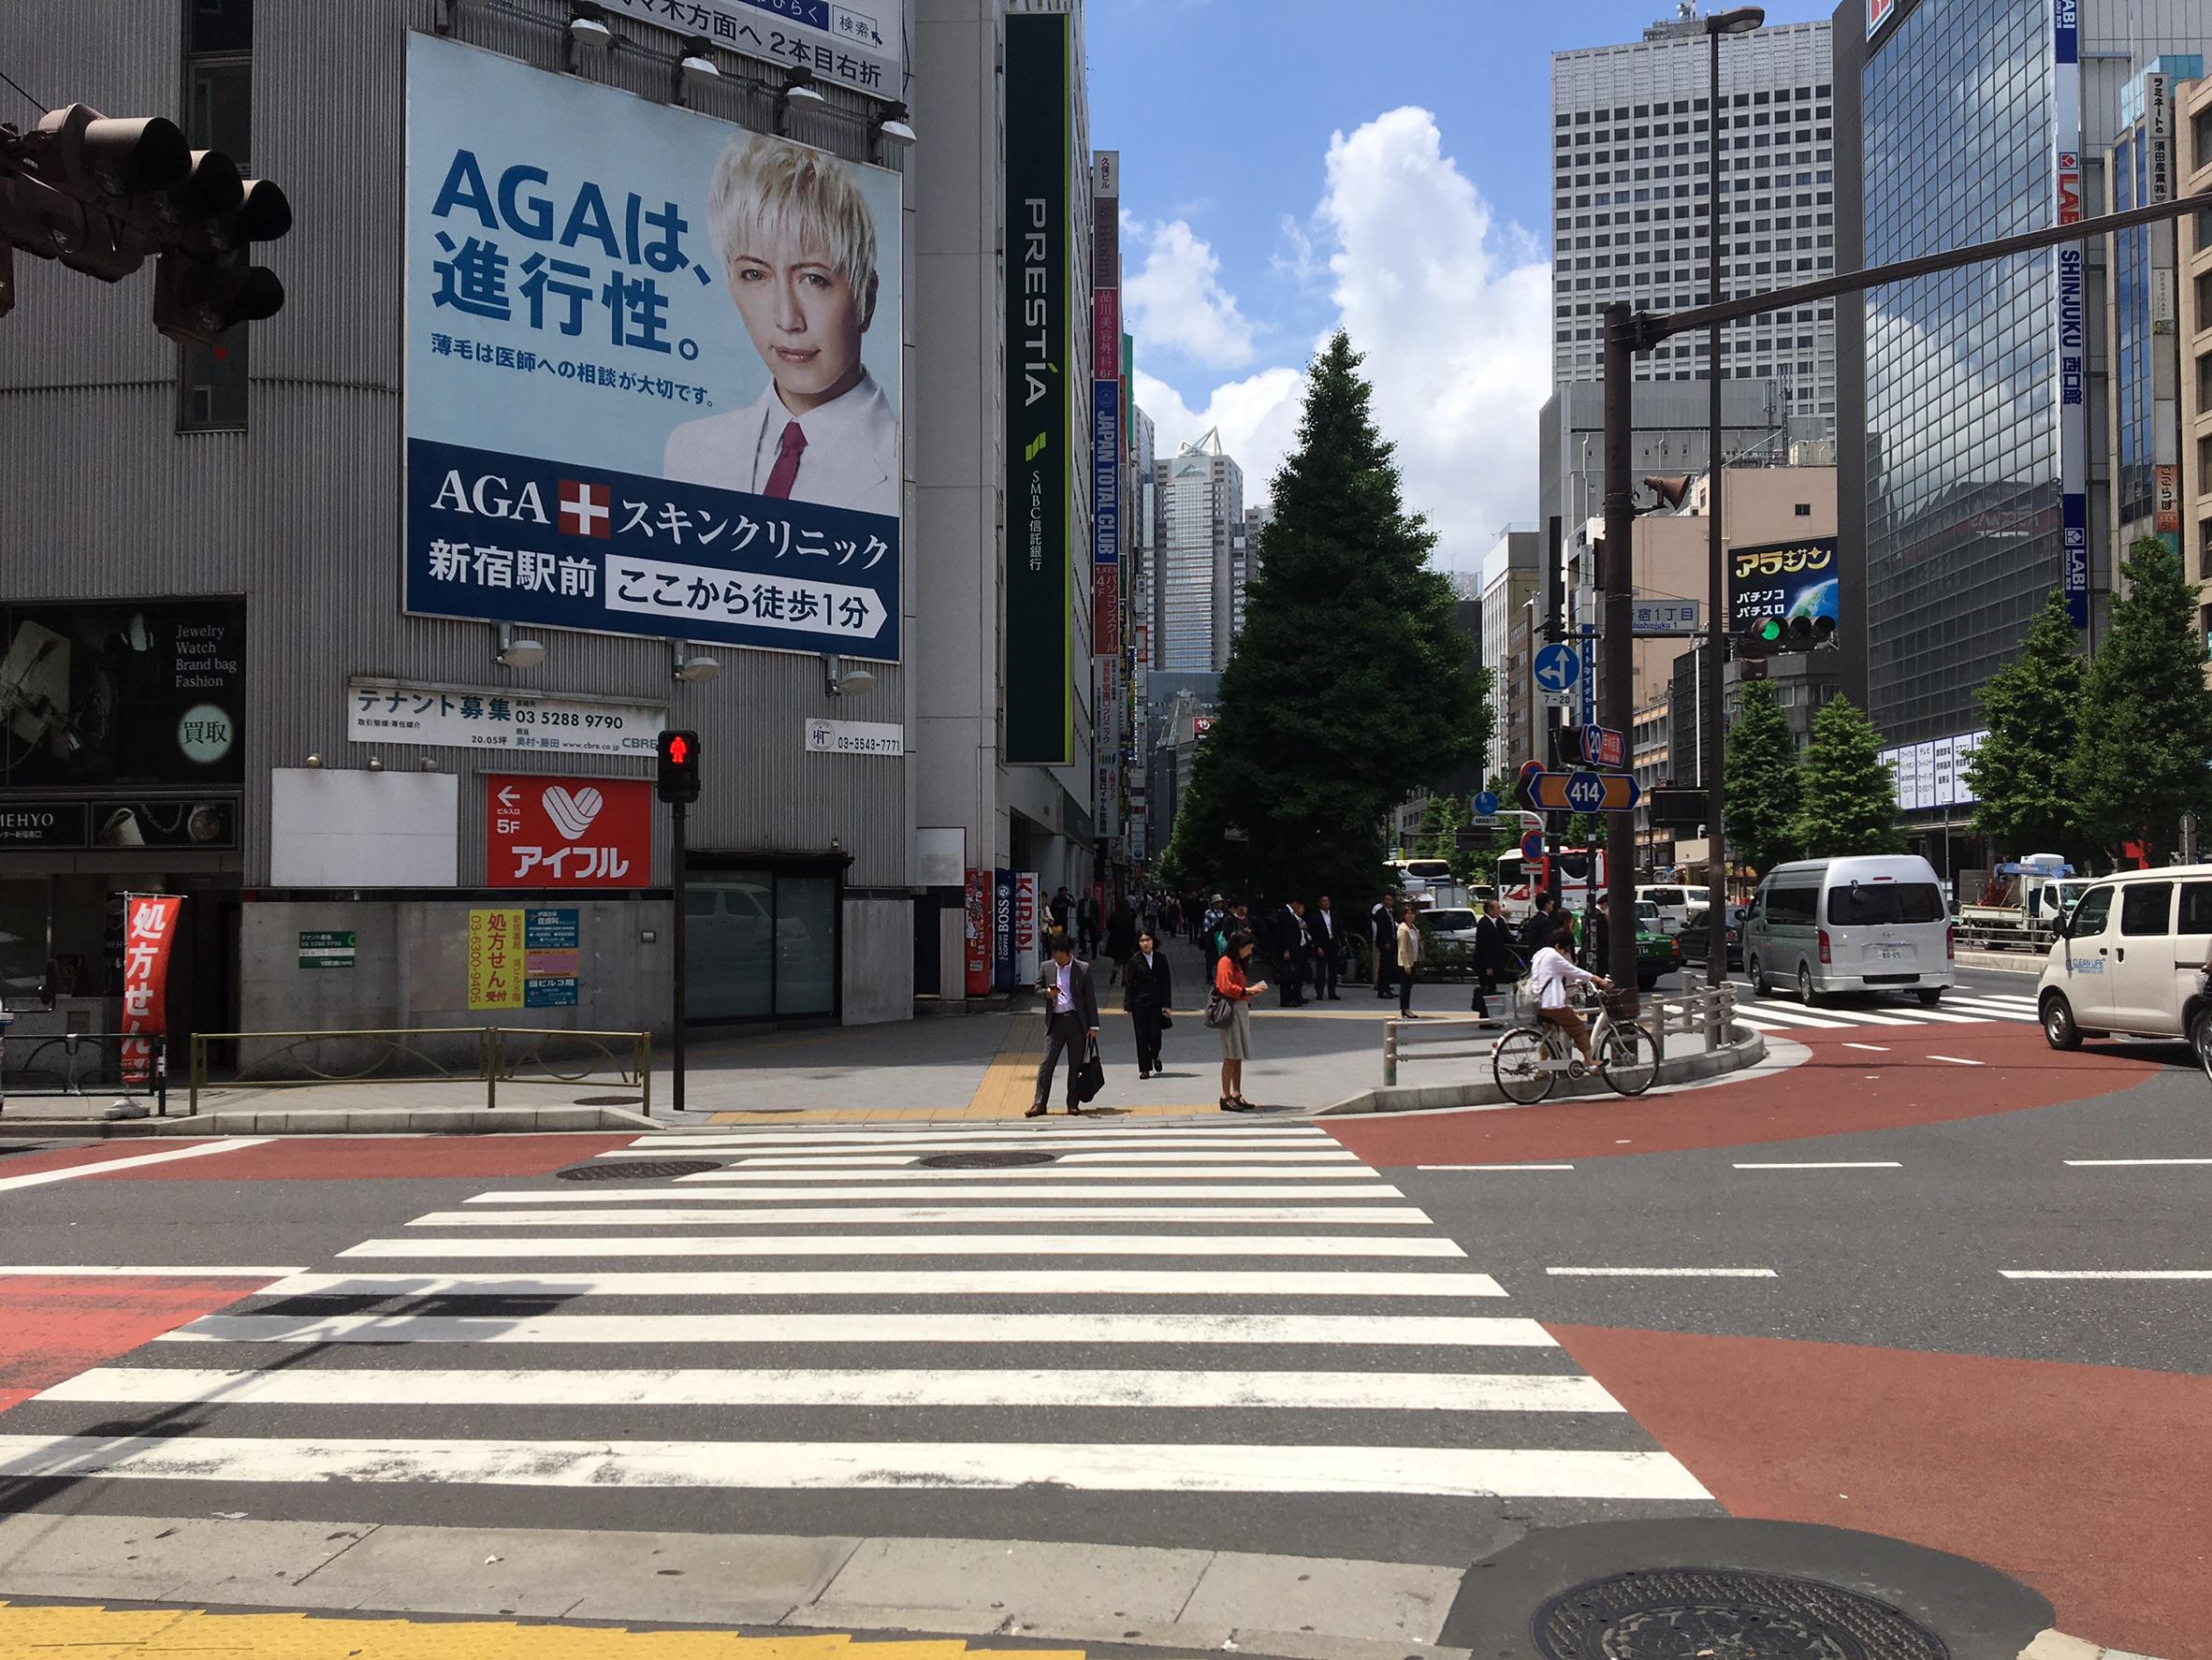 5.その後、交差点につきあたりますので横断歩道を渡り、1つ目の道を左折します。